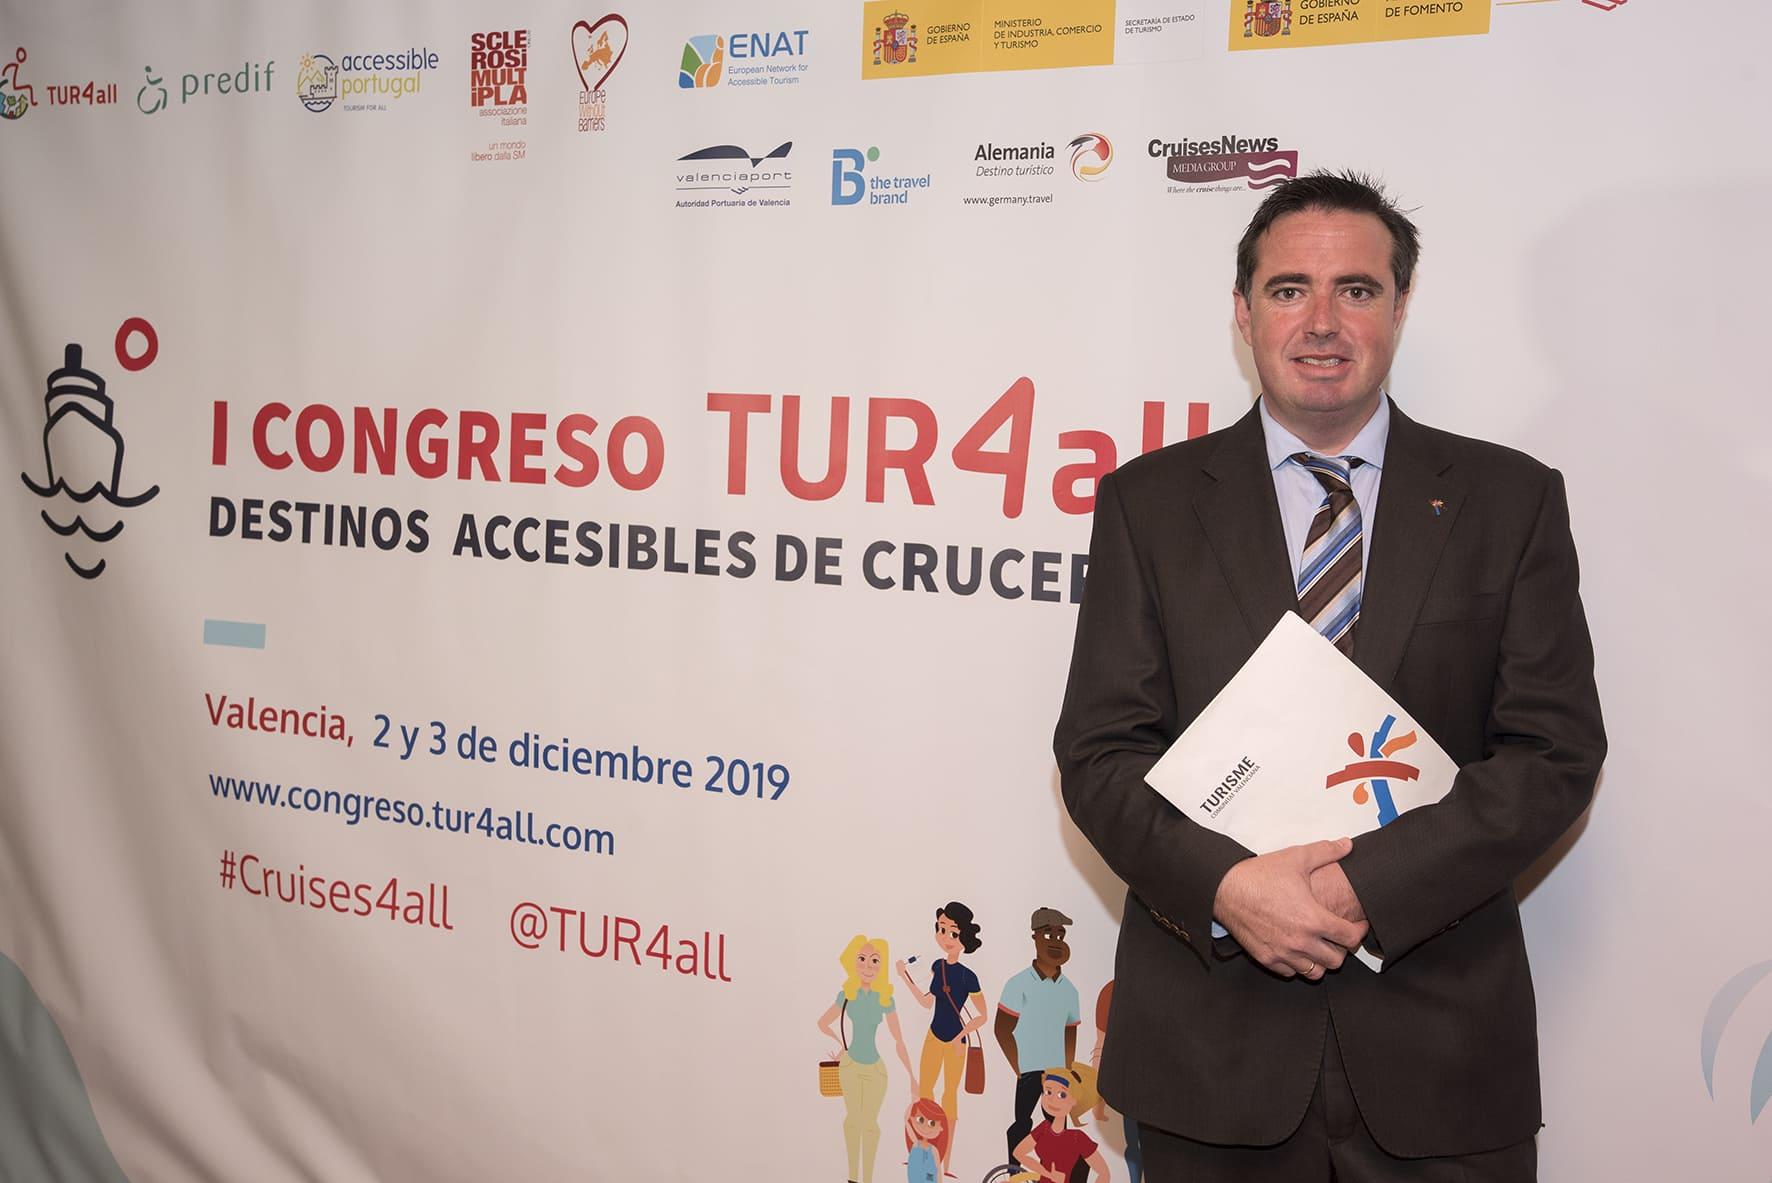 Herick Campos_Turisme Comunitat Valenciana